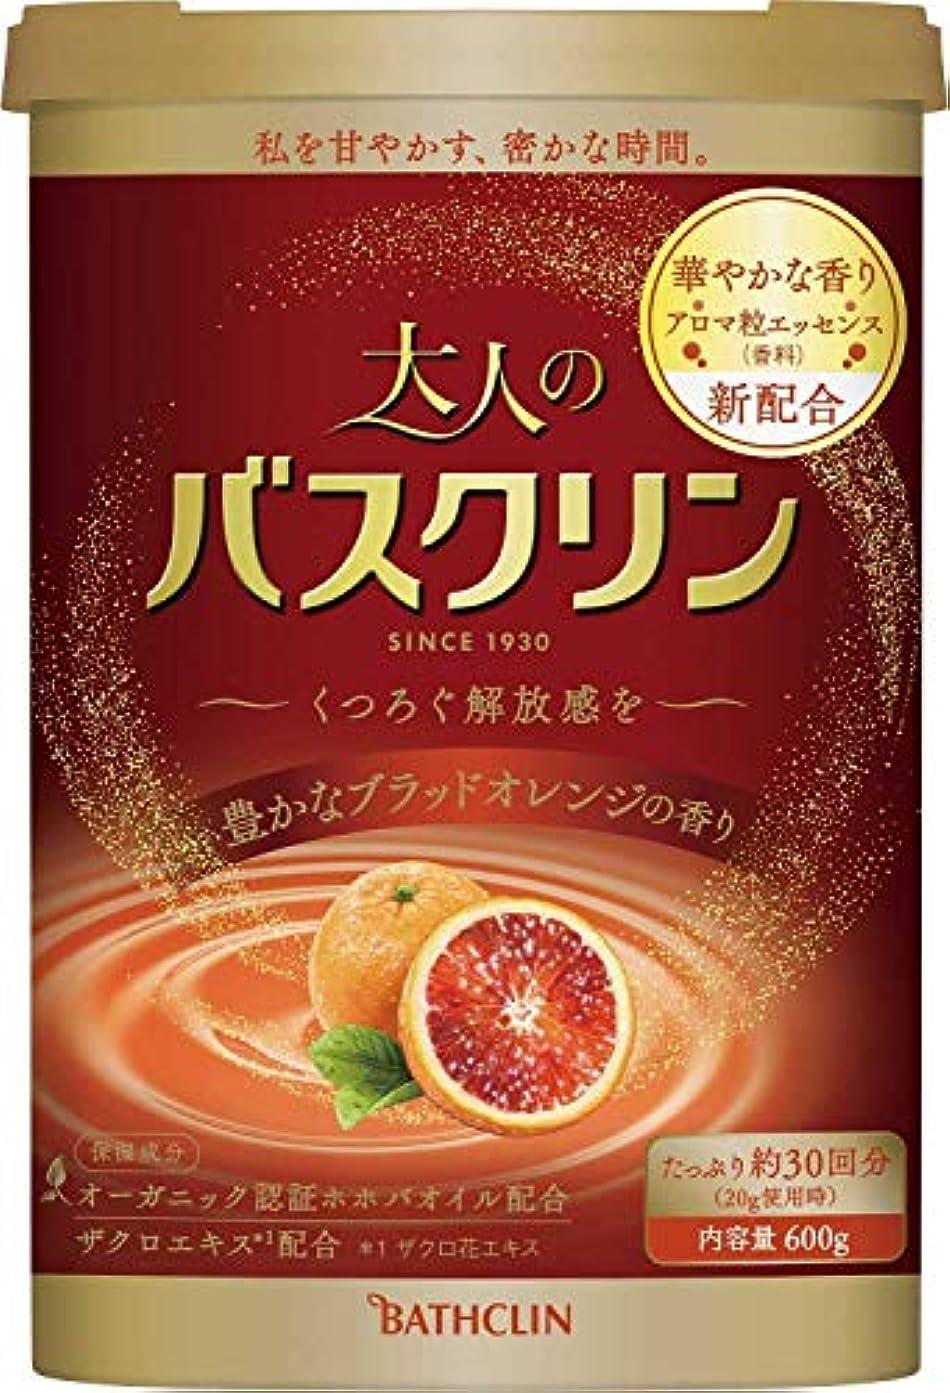 掃く端末場所大人のバスクリン豊かなブラッドオレンジの香り600g入浴剤(約30回分)